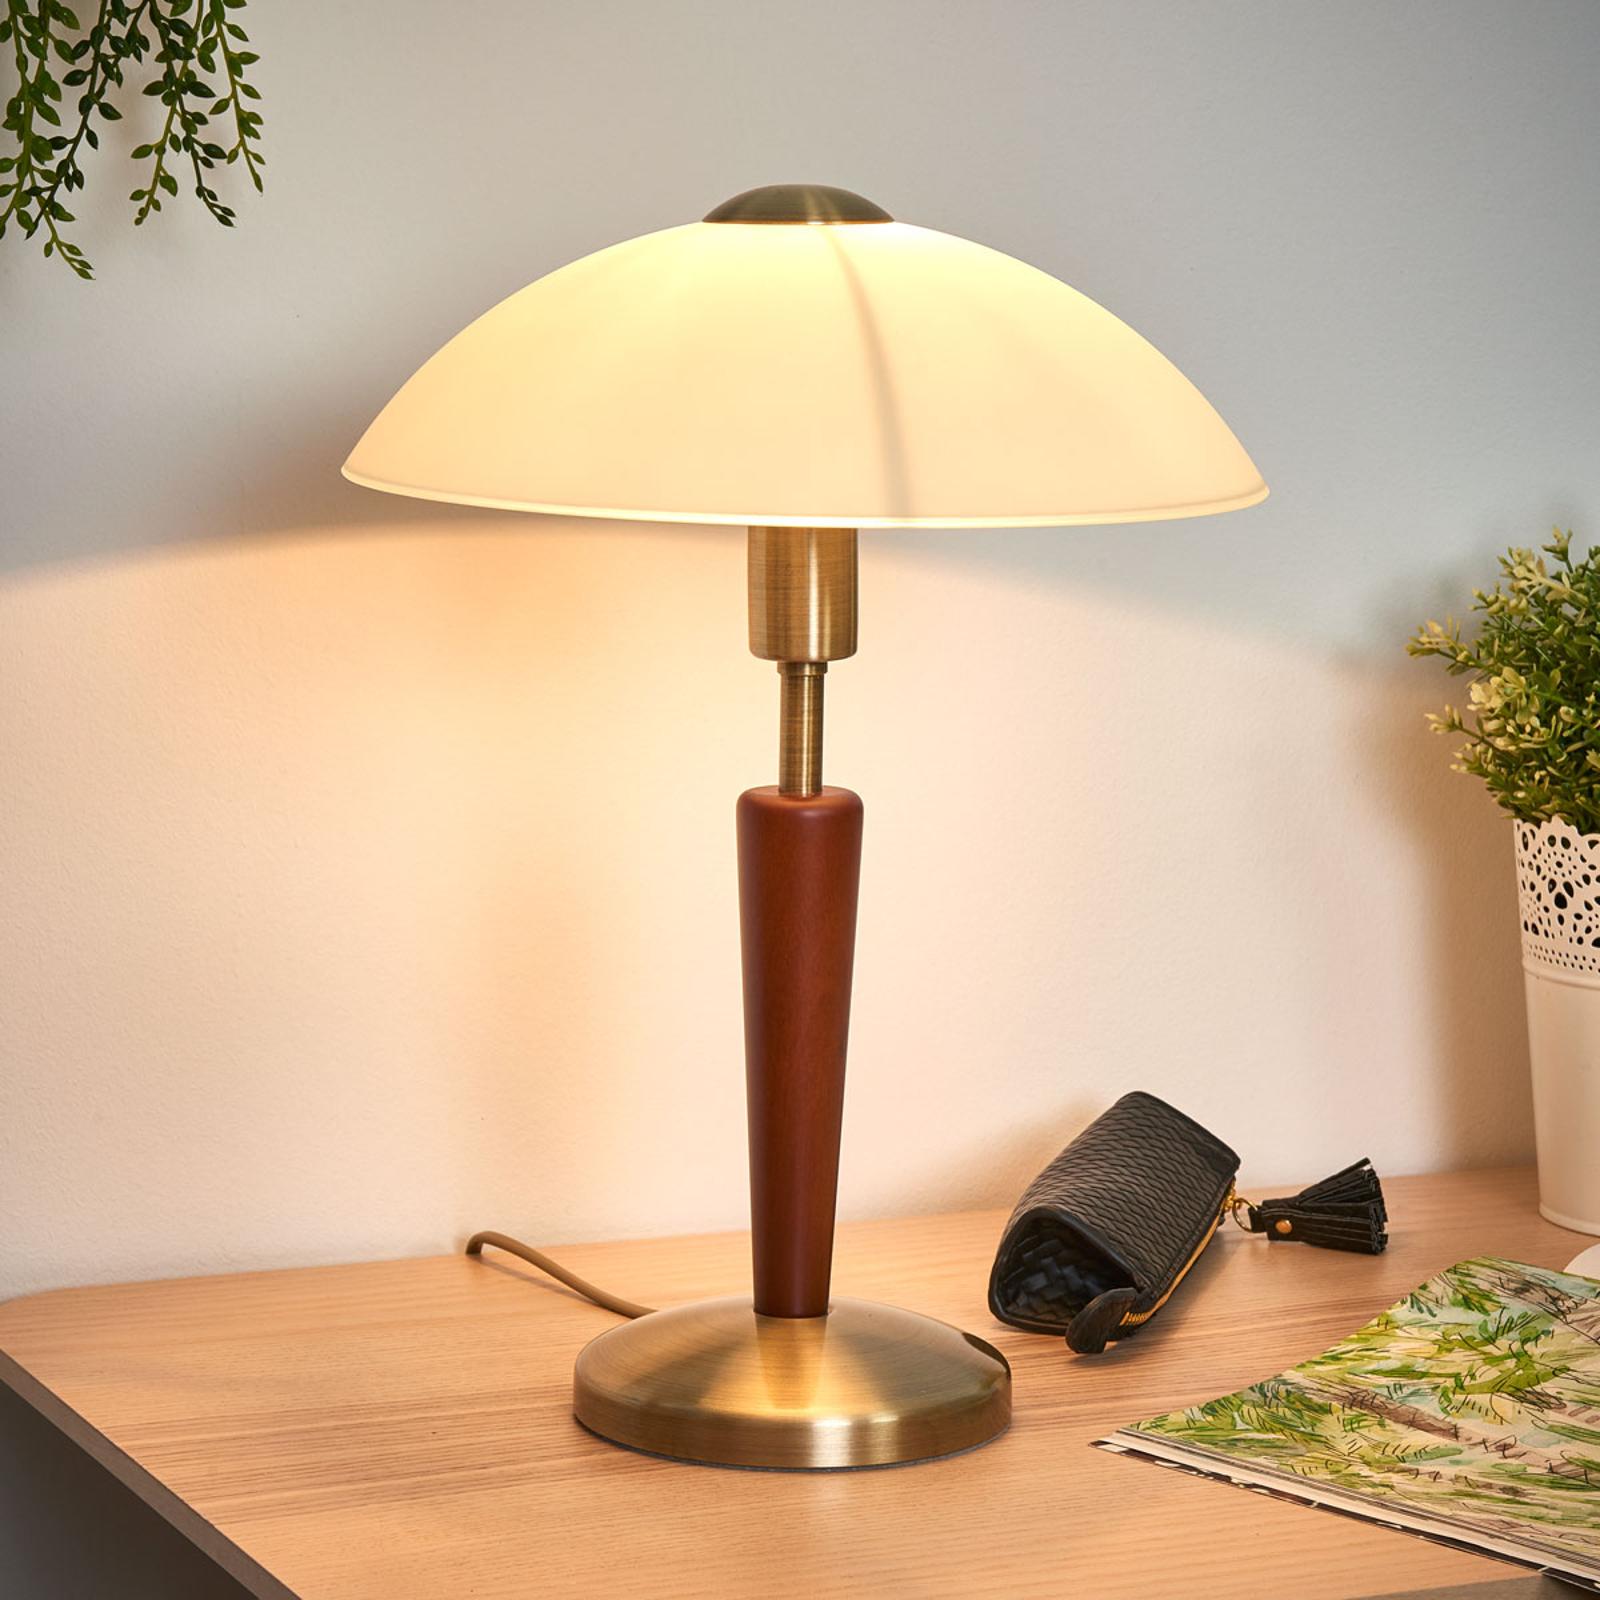 Trä-metall-bordslampa Salut, bronserad, valnöt